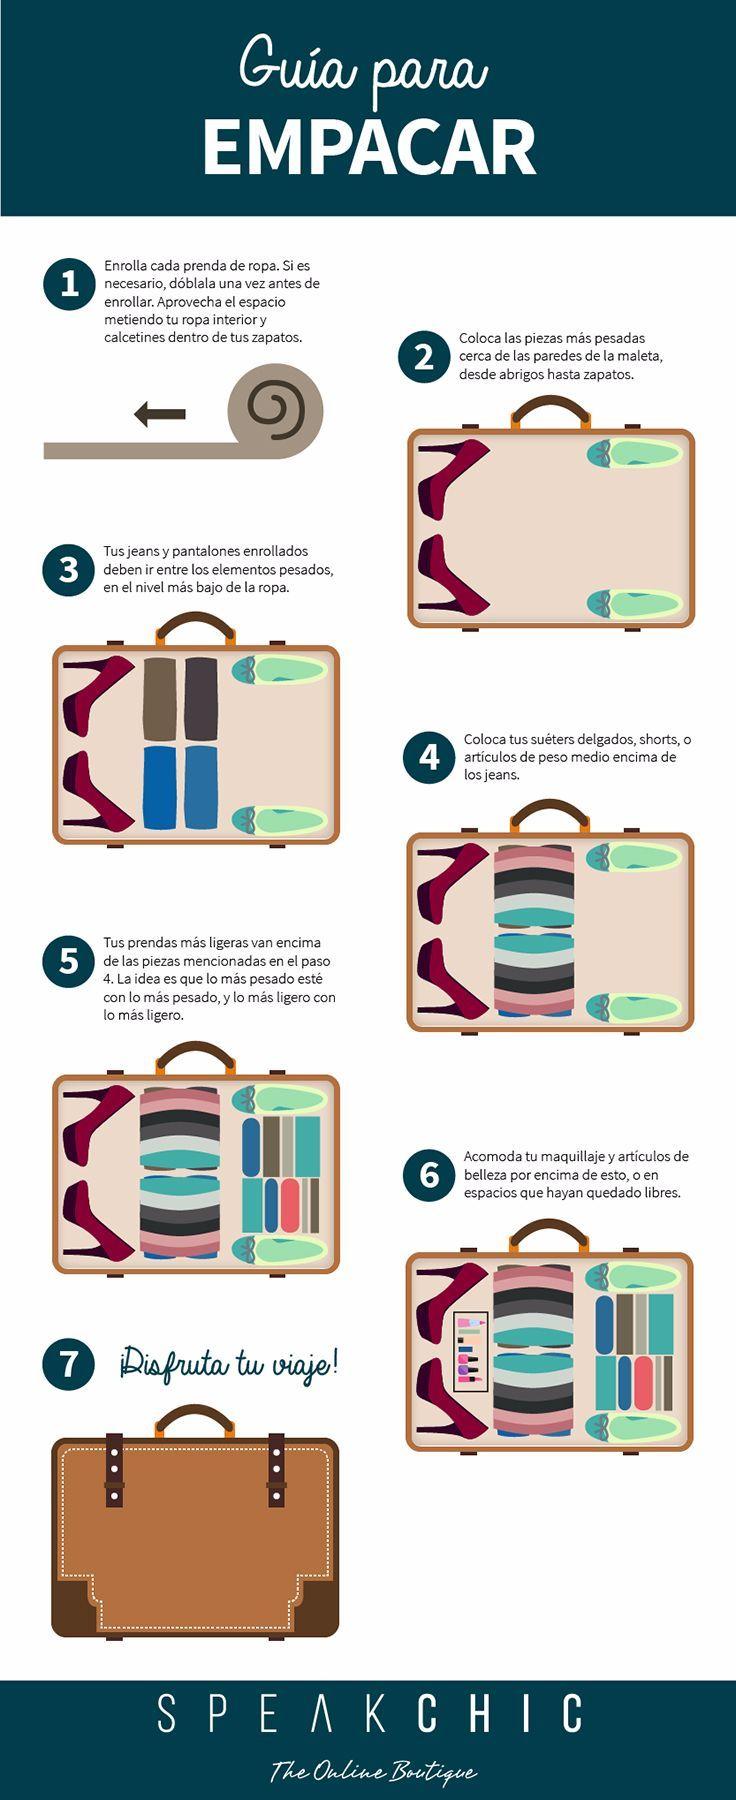 Cómo hacer una maleta optimizando al máximo el espacio! Buen viaje! #viajar #travel